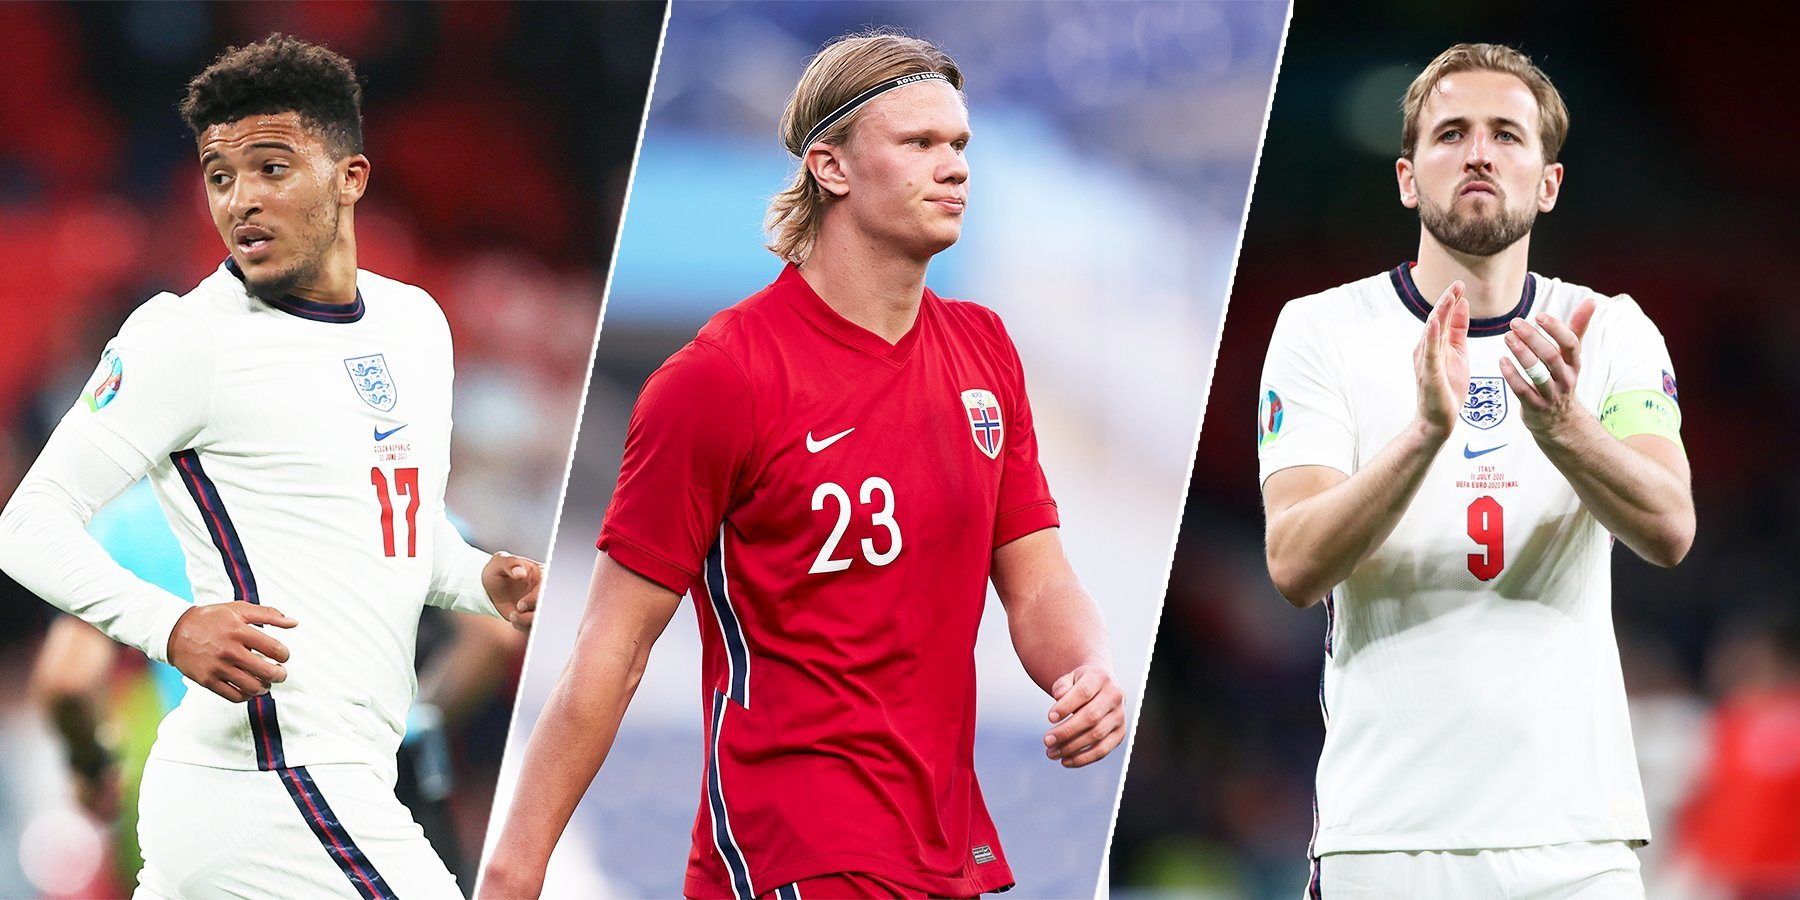 Санчо - в «МЮ», Холанд - в «Челси», Кейн - в «Ман Сити»… Лето-2021 готовит новые трансферные рекорды!